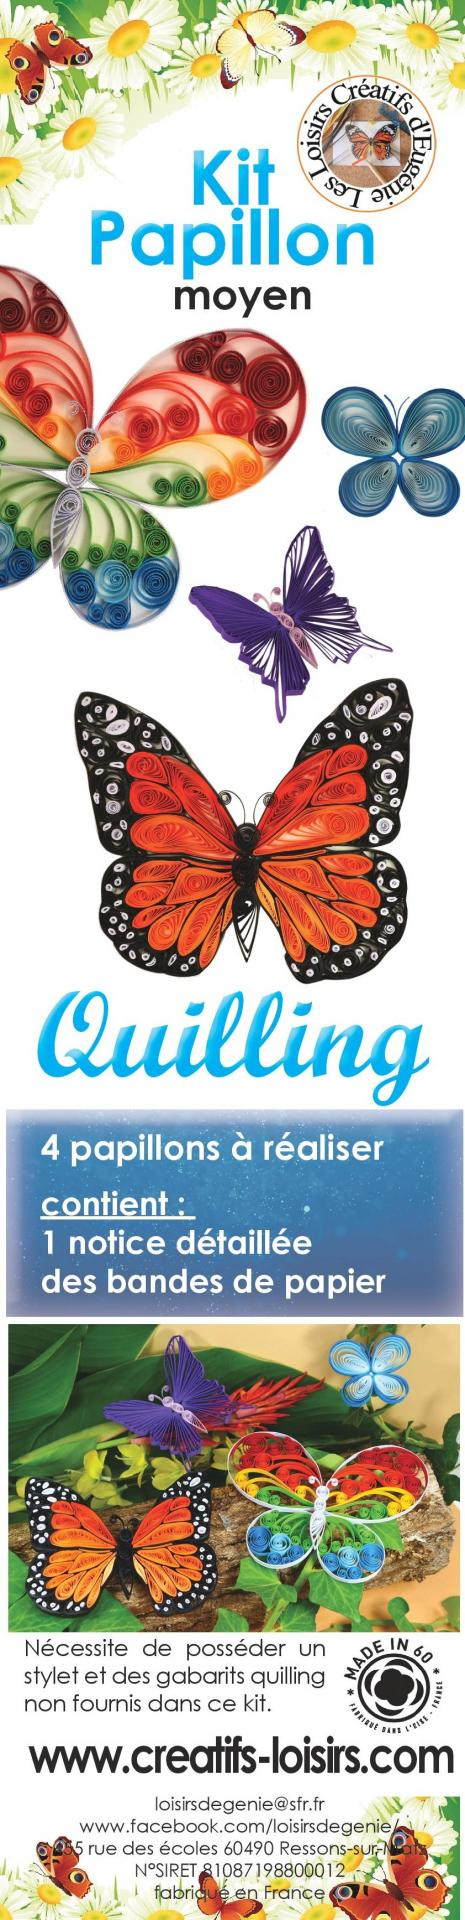 Notice quilling papillon papier loisir creatif paperolle kit modele facile